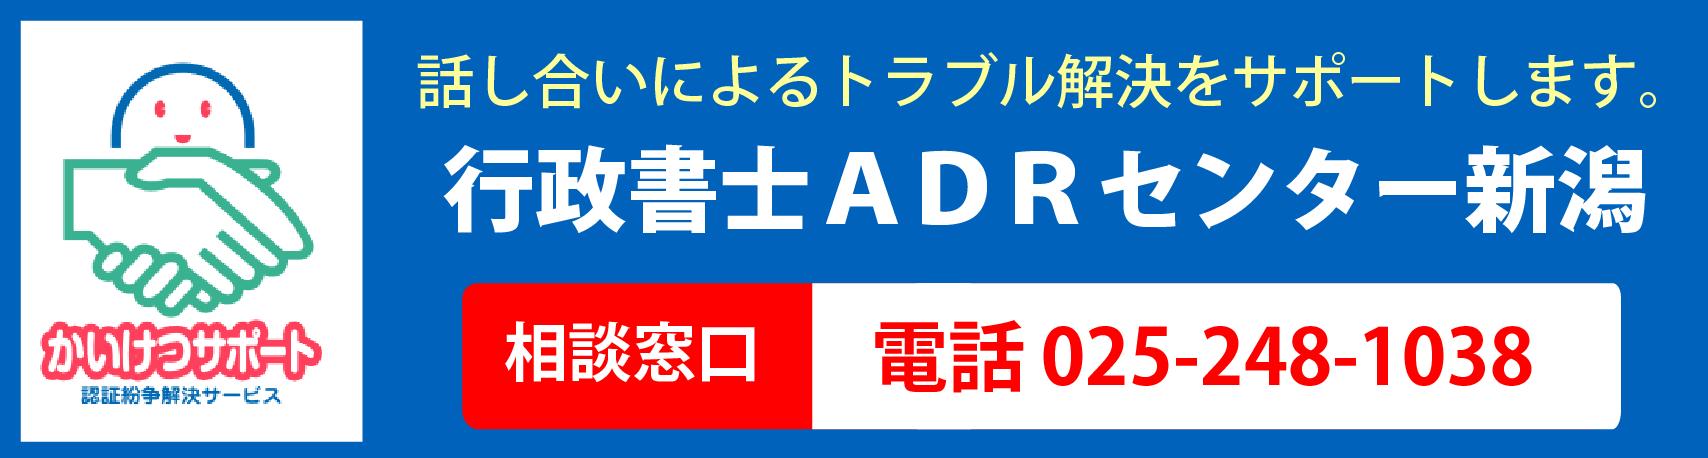 行政書士ADRセンター新潟